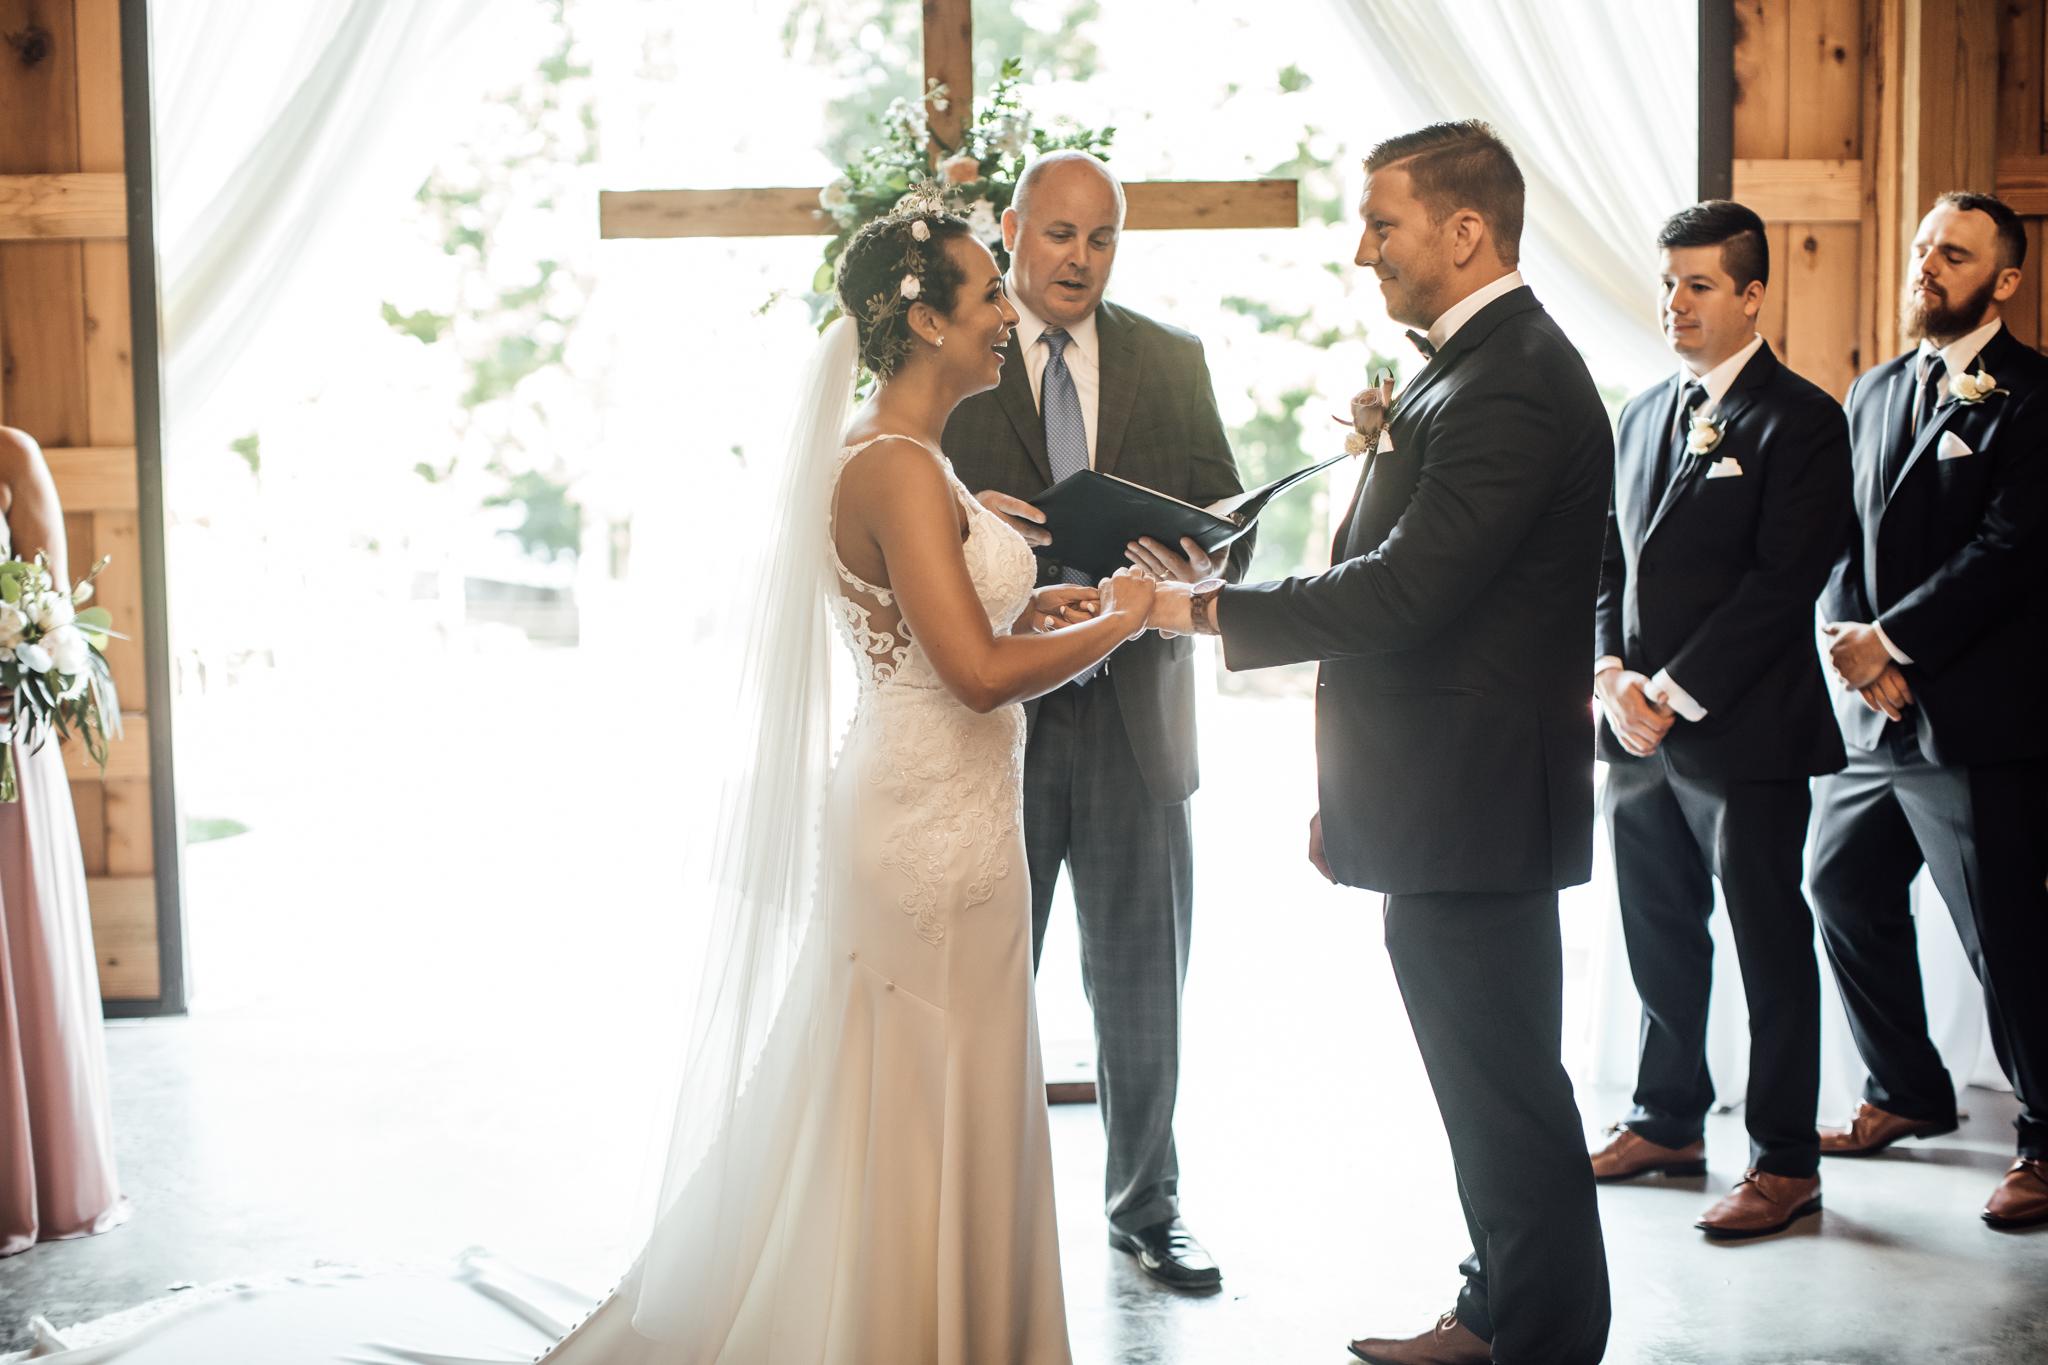 saddlewoodsfarms-nashville-wedding-photographer-thewarmtharoundyou-rustic-wedding (36 of 251).jpg